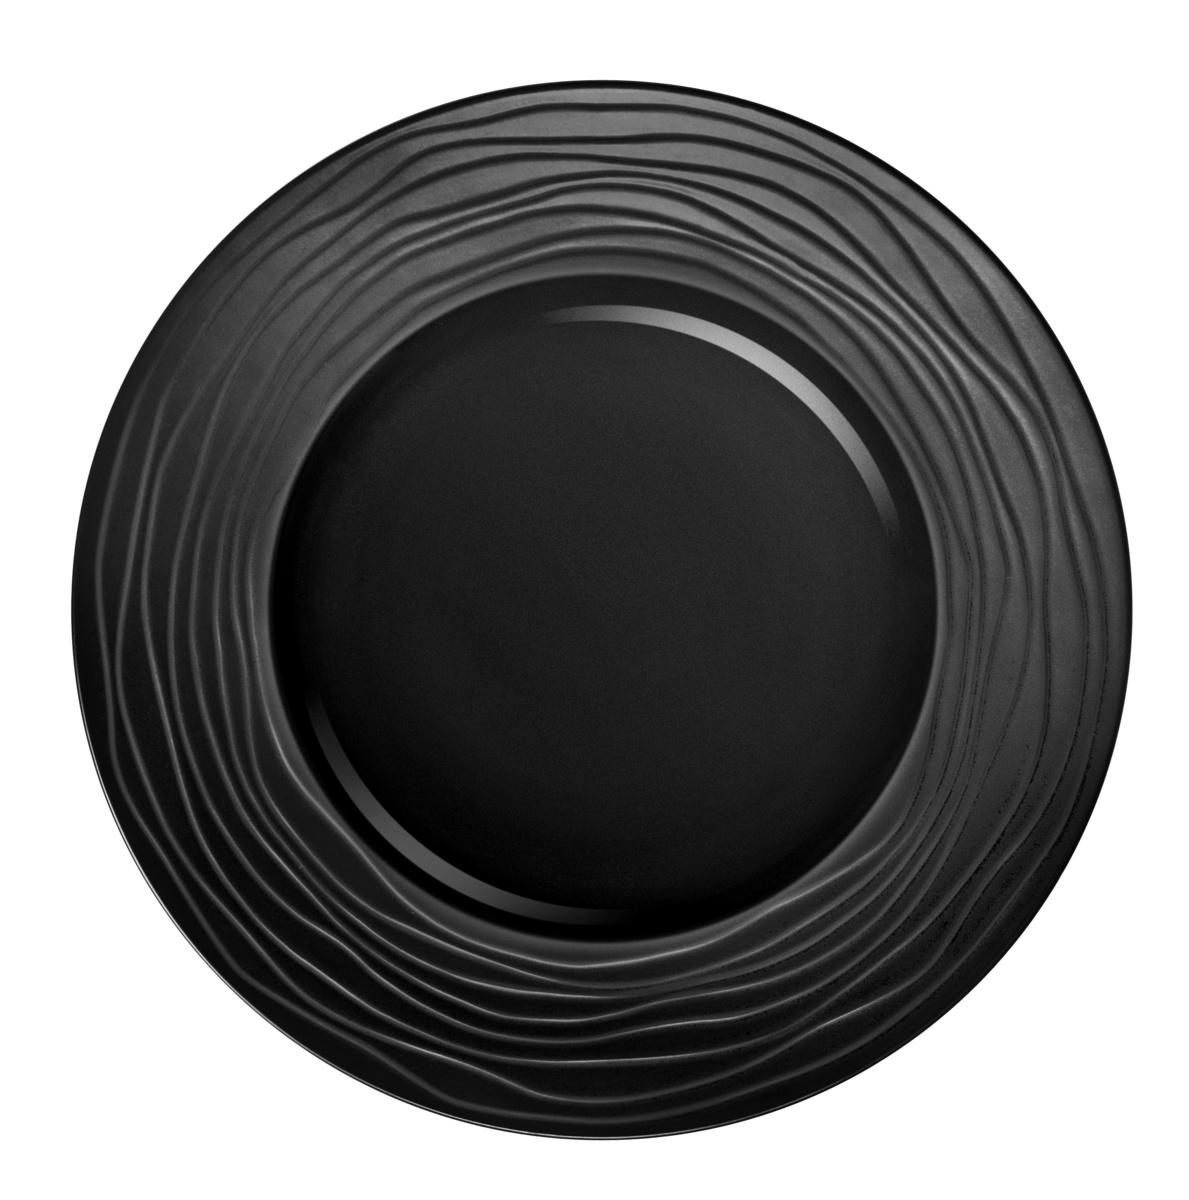 Assiette plate ronde noire grès Ø 31,50 cm Escale Medard De Noblat